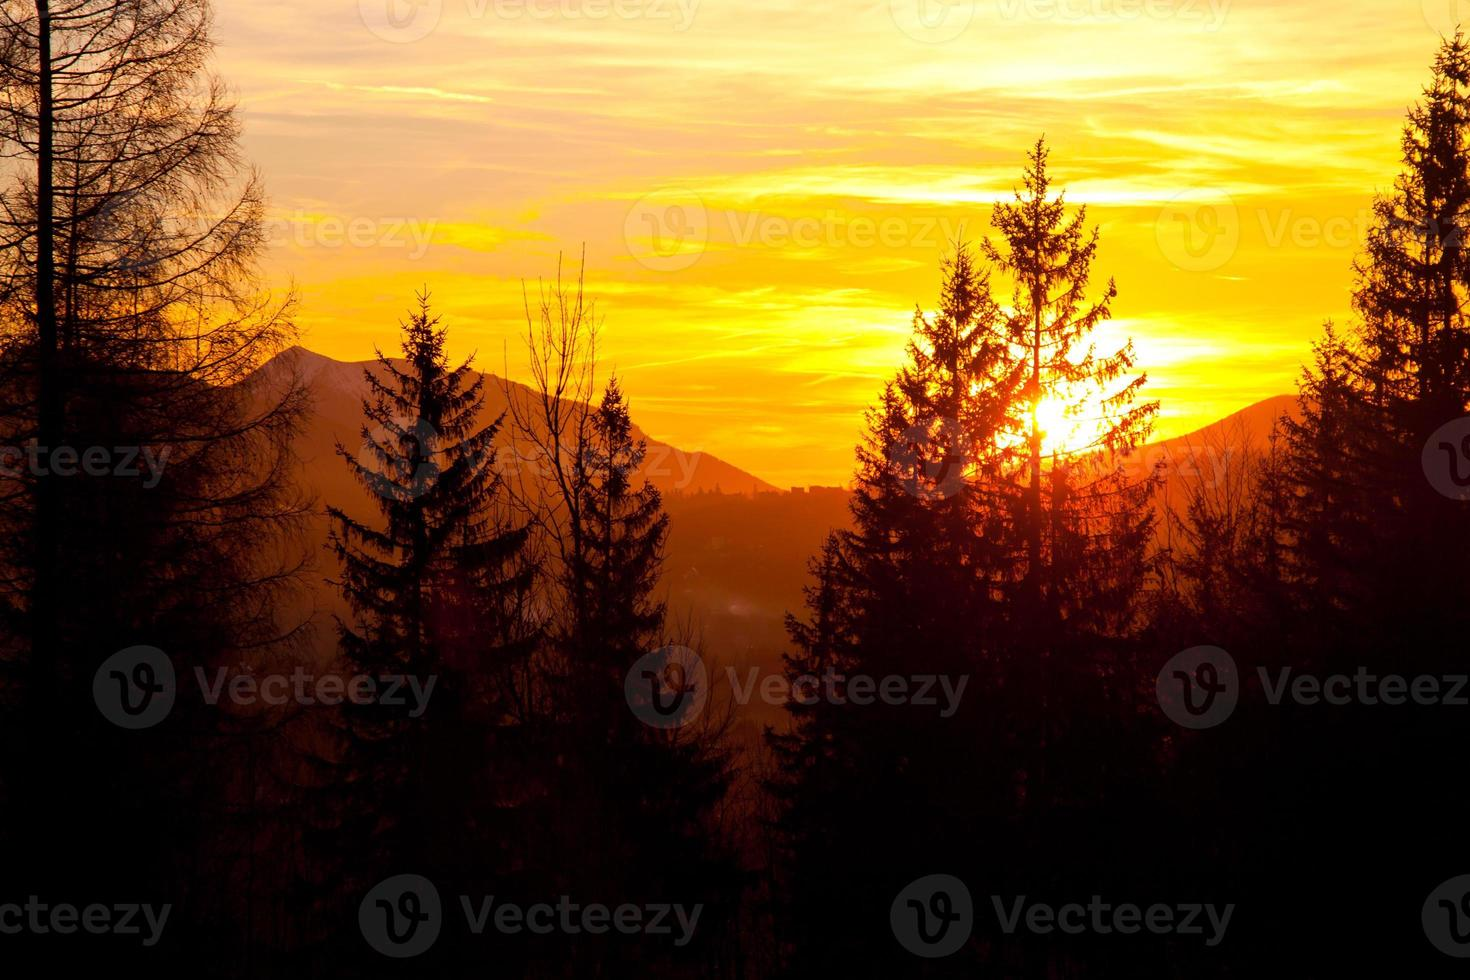 coucher de soleil sur l'horizon du paysage de montagne photo